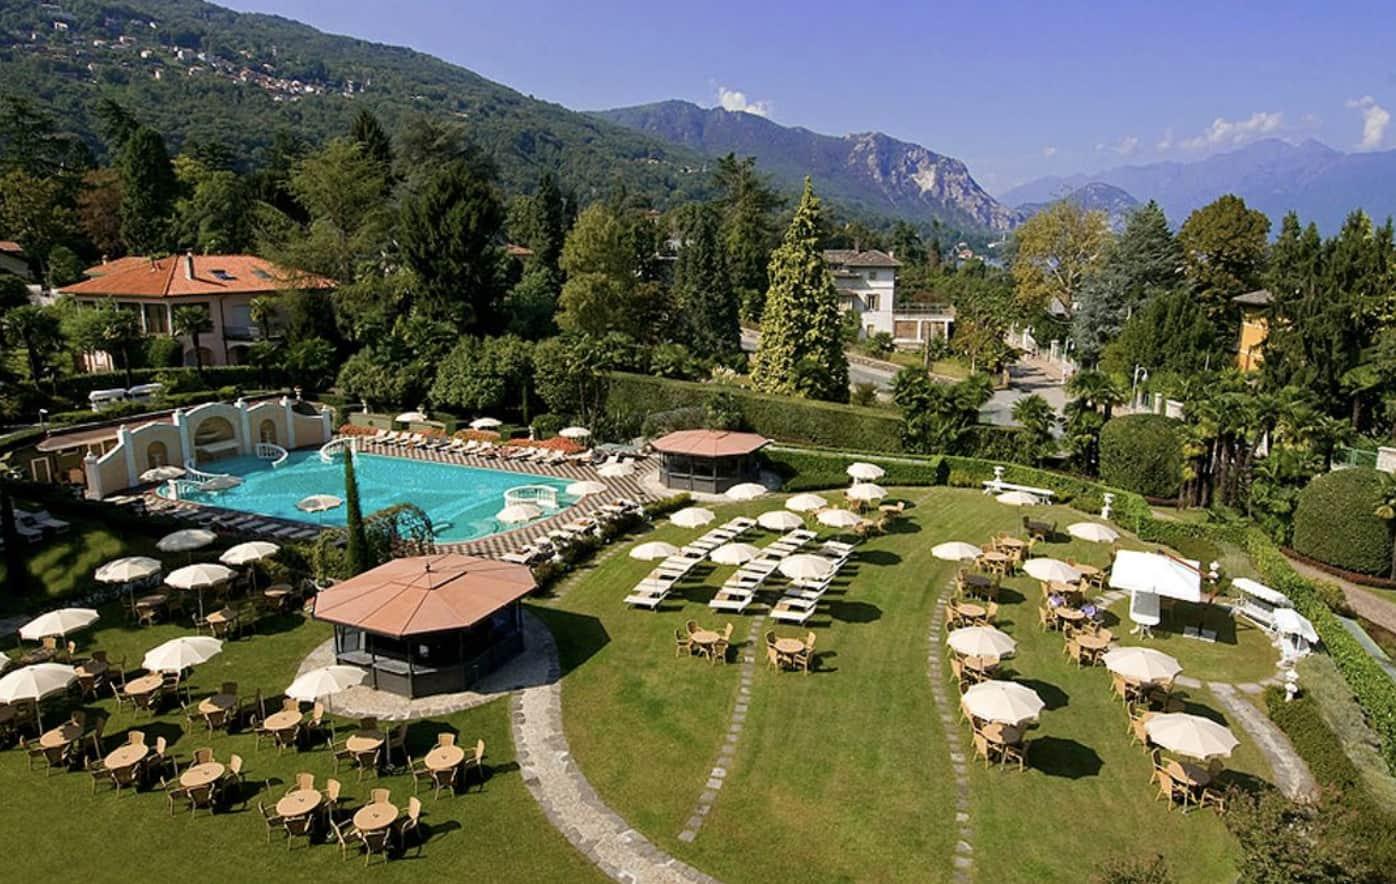 Grand hotel stresa lake maggiore holidays for Stresa lake maggiore